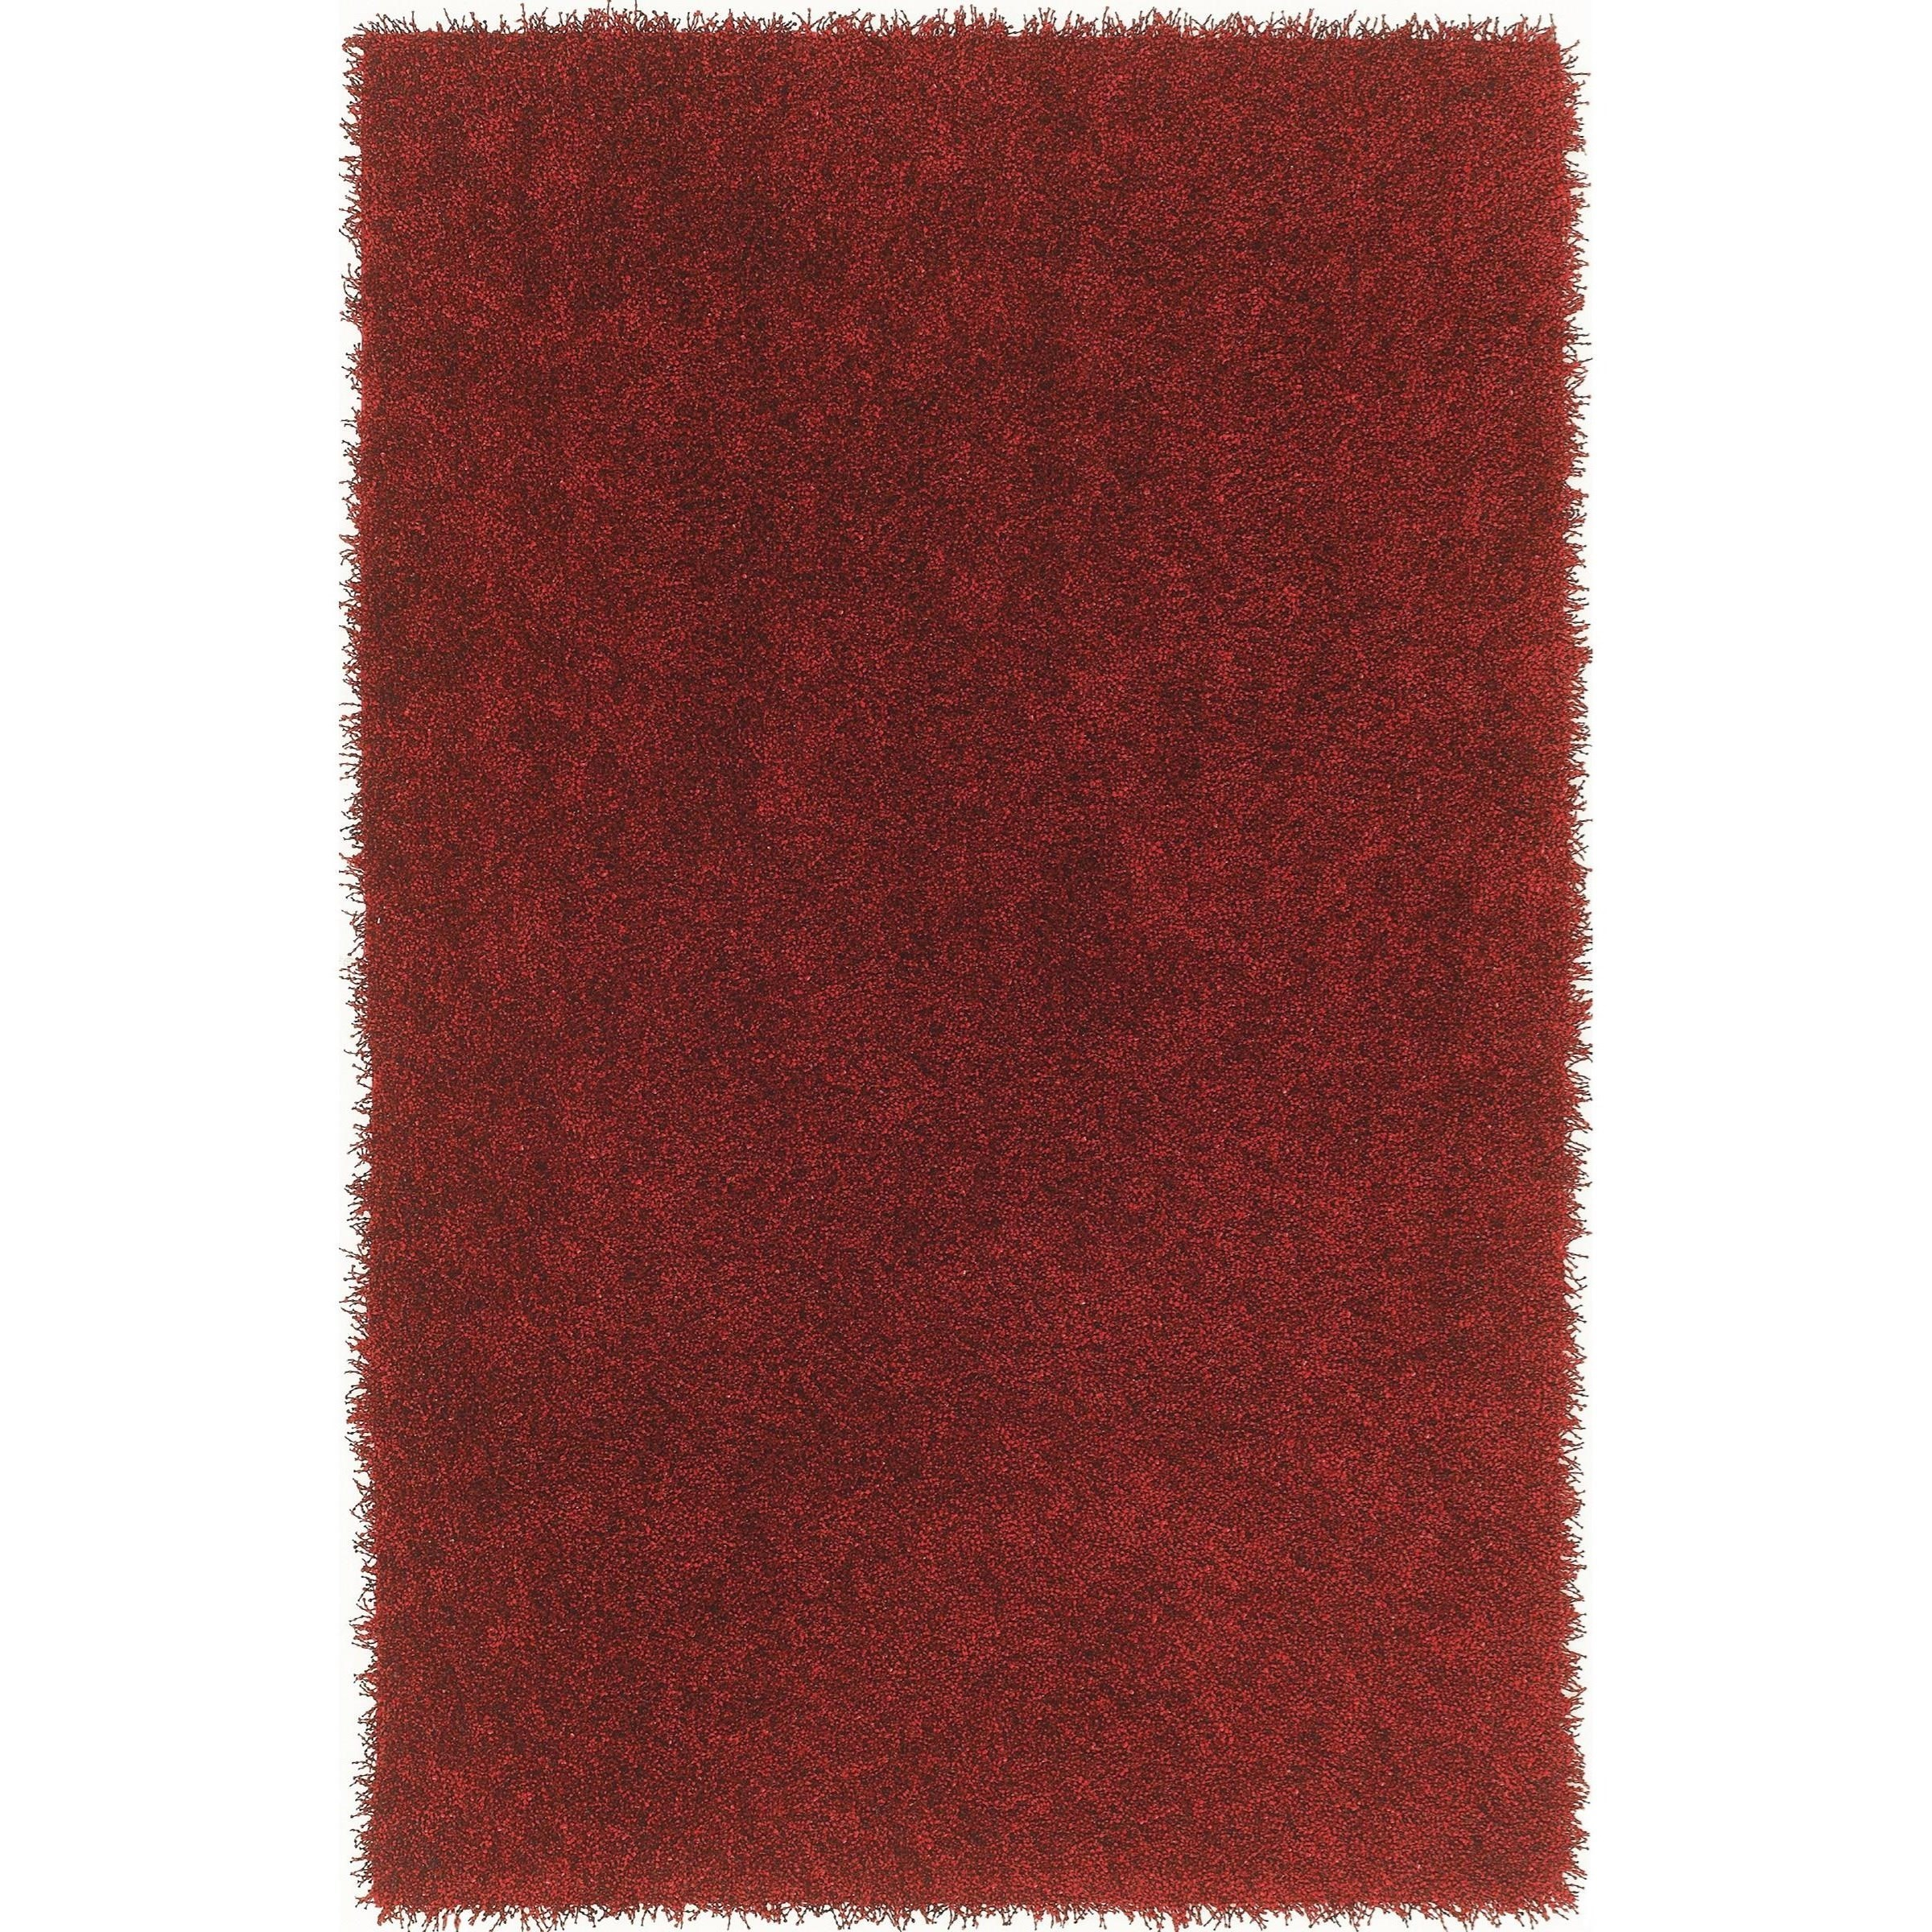 Dalyn Belize Red 8'X10' Rug - Item Number: BZ100RD8X10